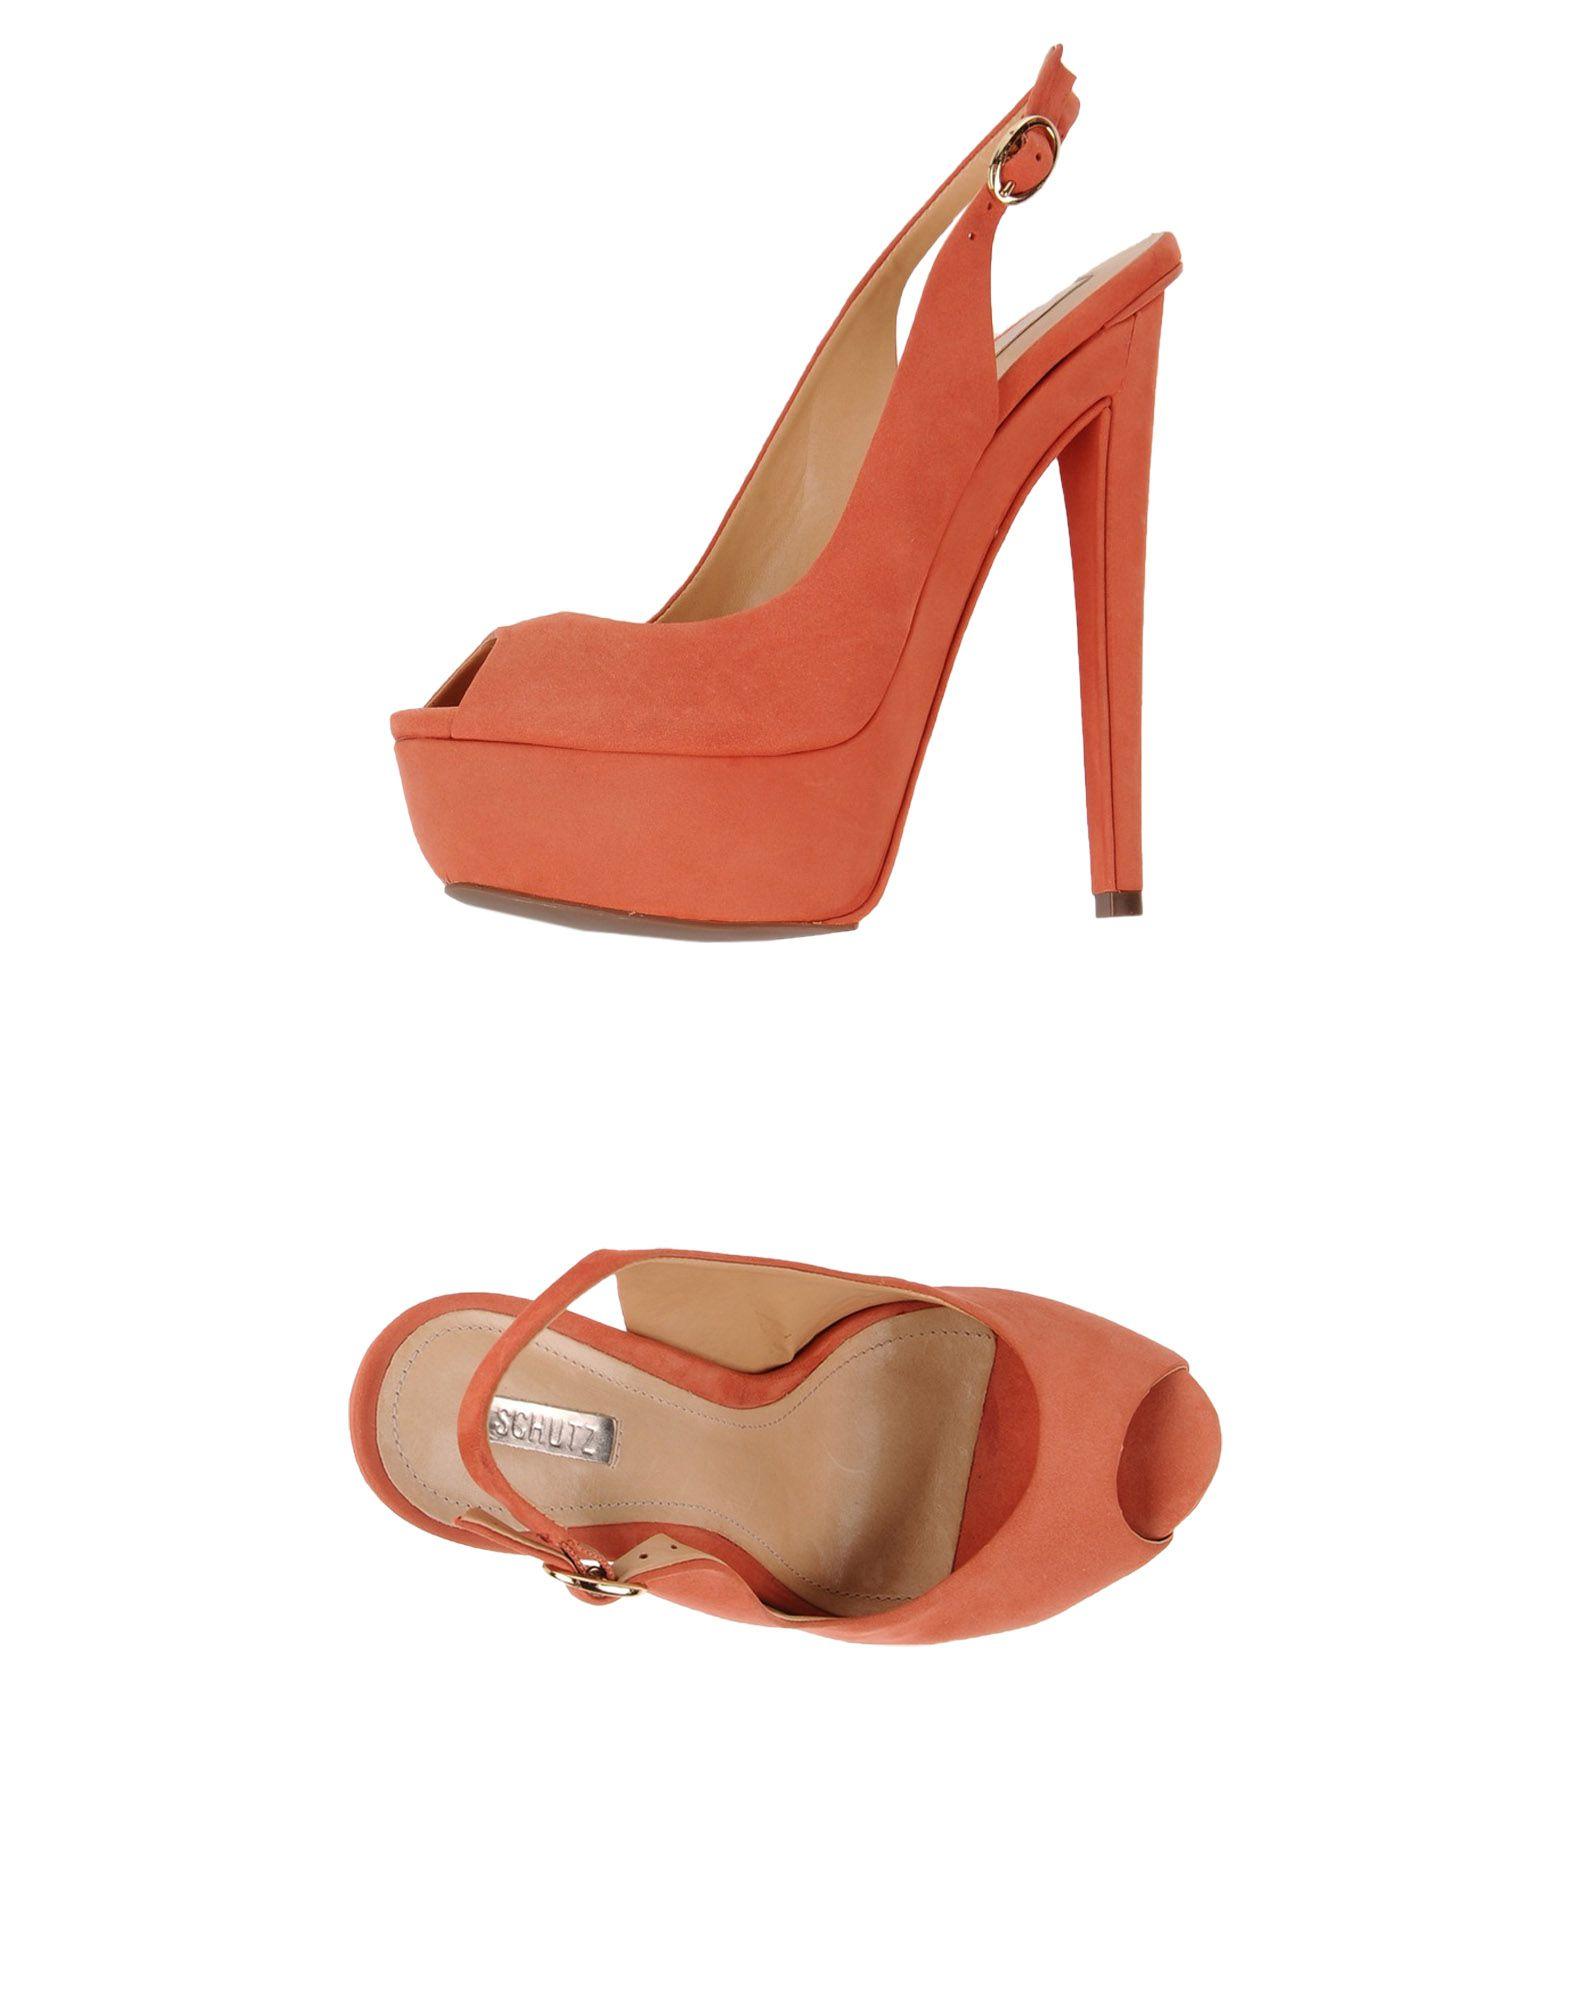 Schutz Sandalen Damen  11208456LH Gute Qualität beliebte Schuhe